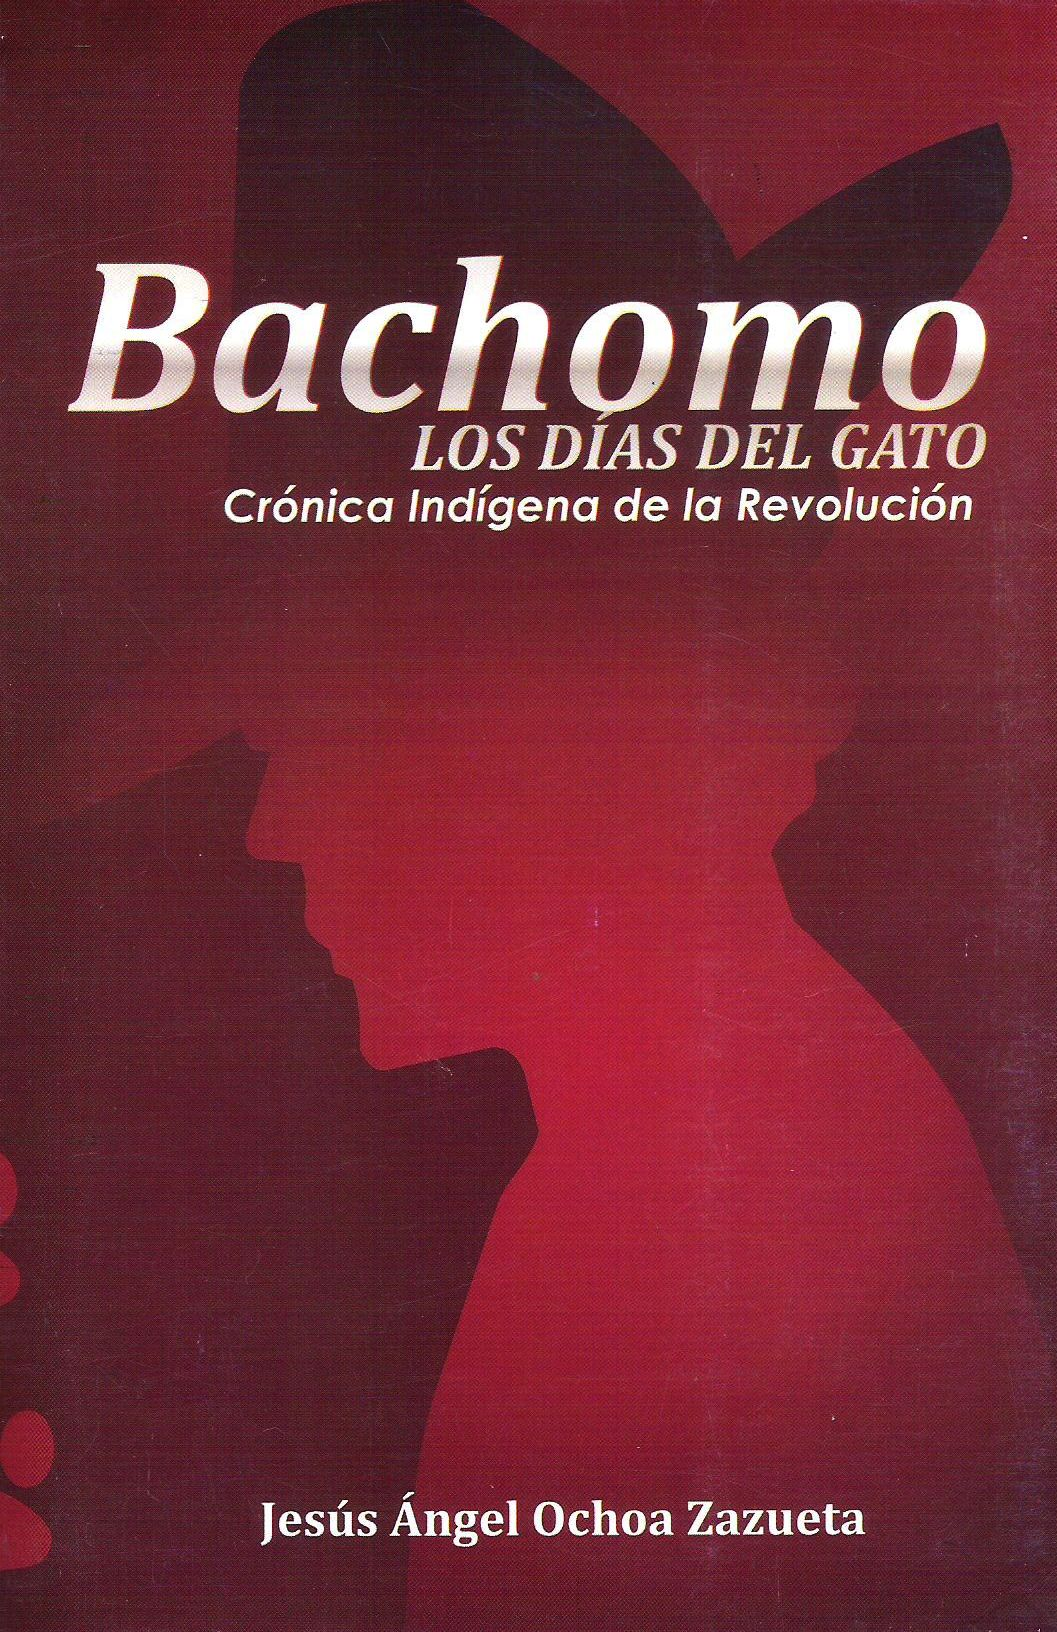 Bachomo - Los d¡as del gato - Cr¢nica Ind¡gena de la Revoluci¢n